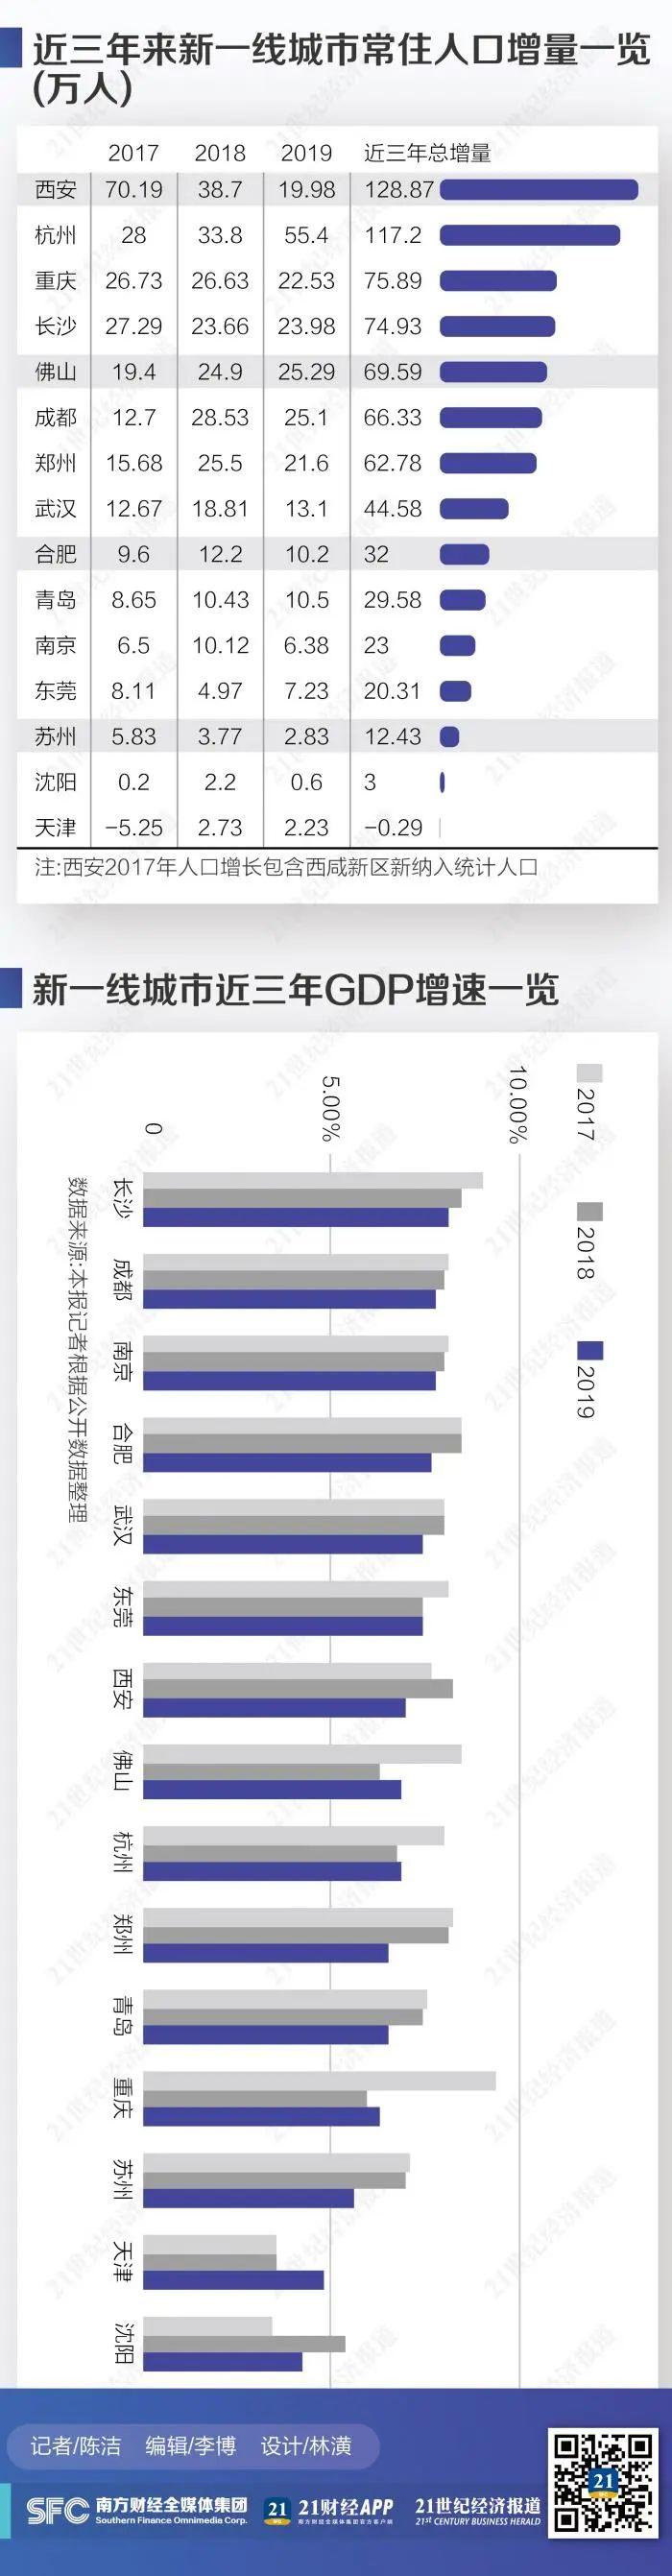 【亚洲天堂诊断】_新一线城市人口竞争力大盘点:有地方负增长 这些指标很关键